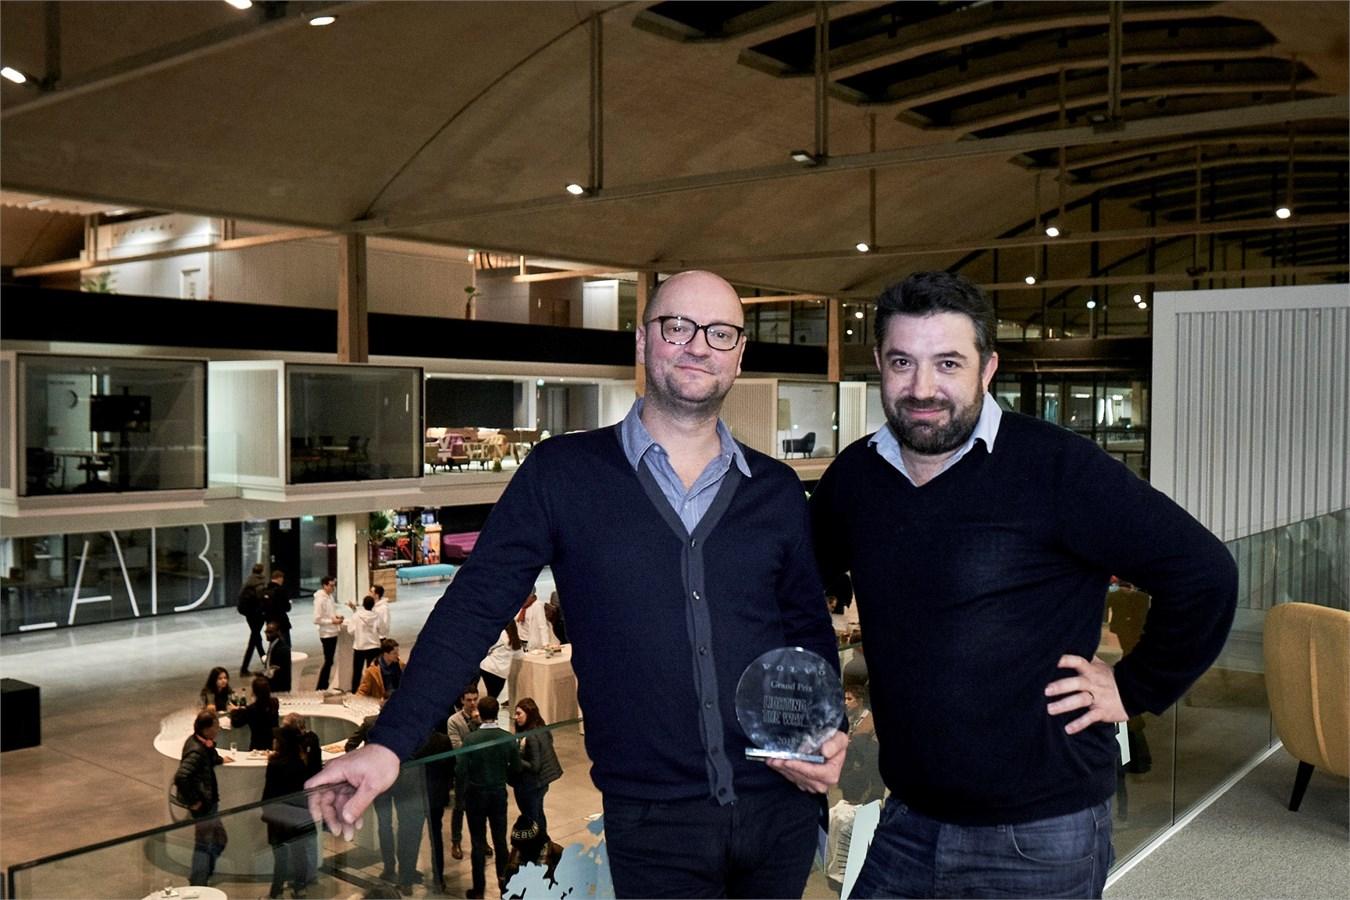 Premier Hackathon Volvo Car France chez Station F 6 & 7 février 2018 : Equipe gagnante Puump!